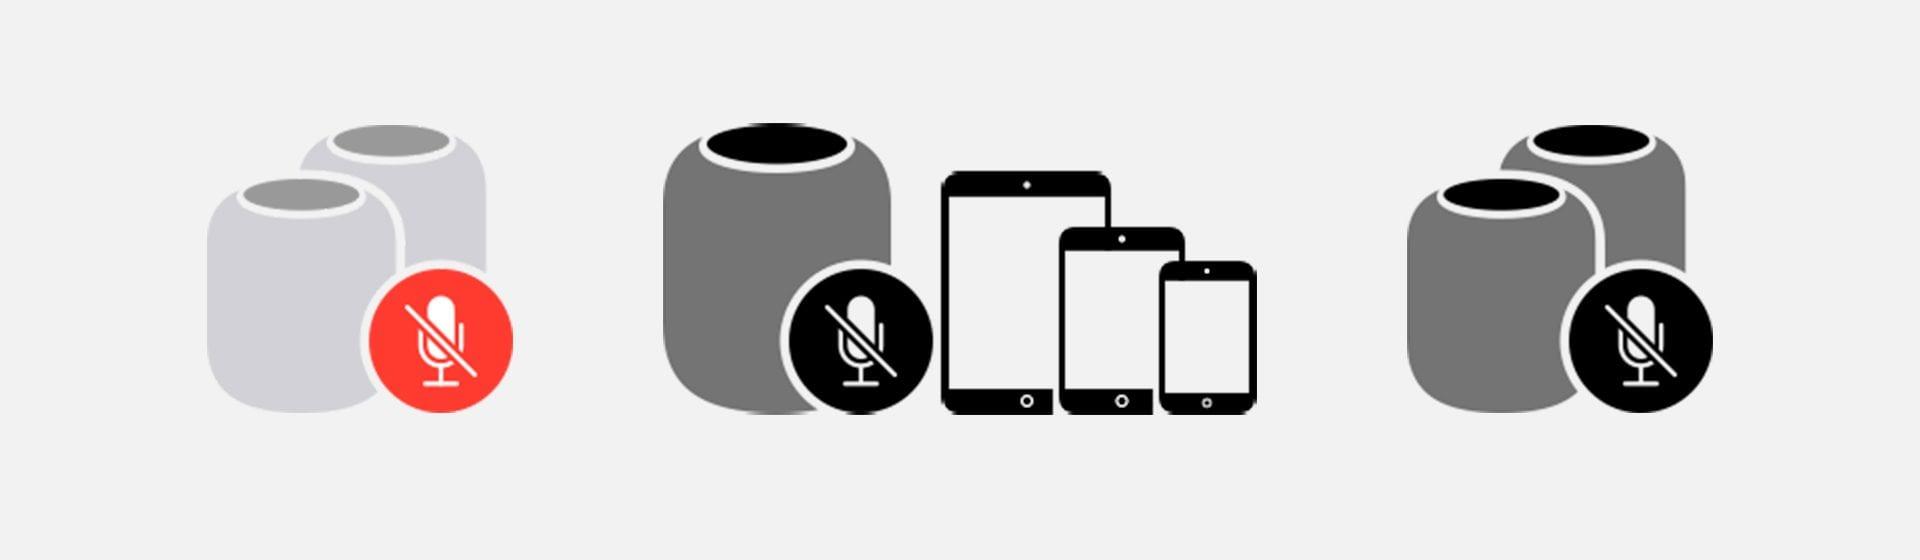 homepod icons ios 9to5 - Novinky za uplynulý týždeň: HomePod sa blíži, Apple investuje, Tim Cook o batériach a ďalšie...